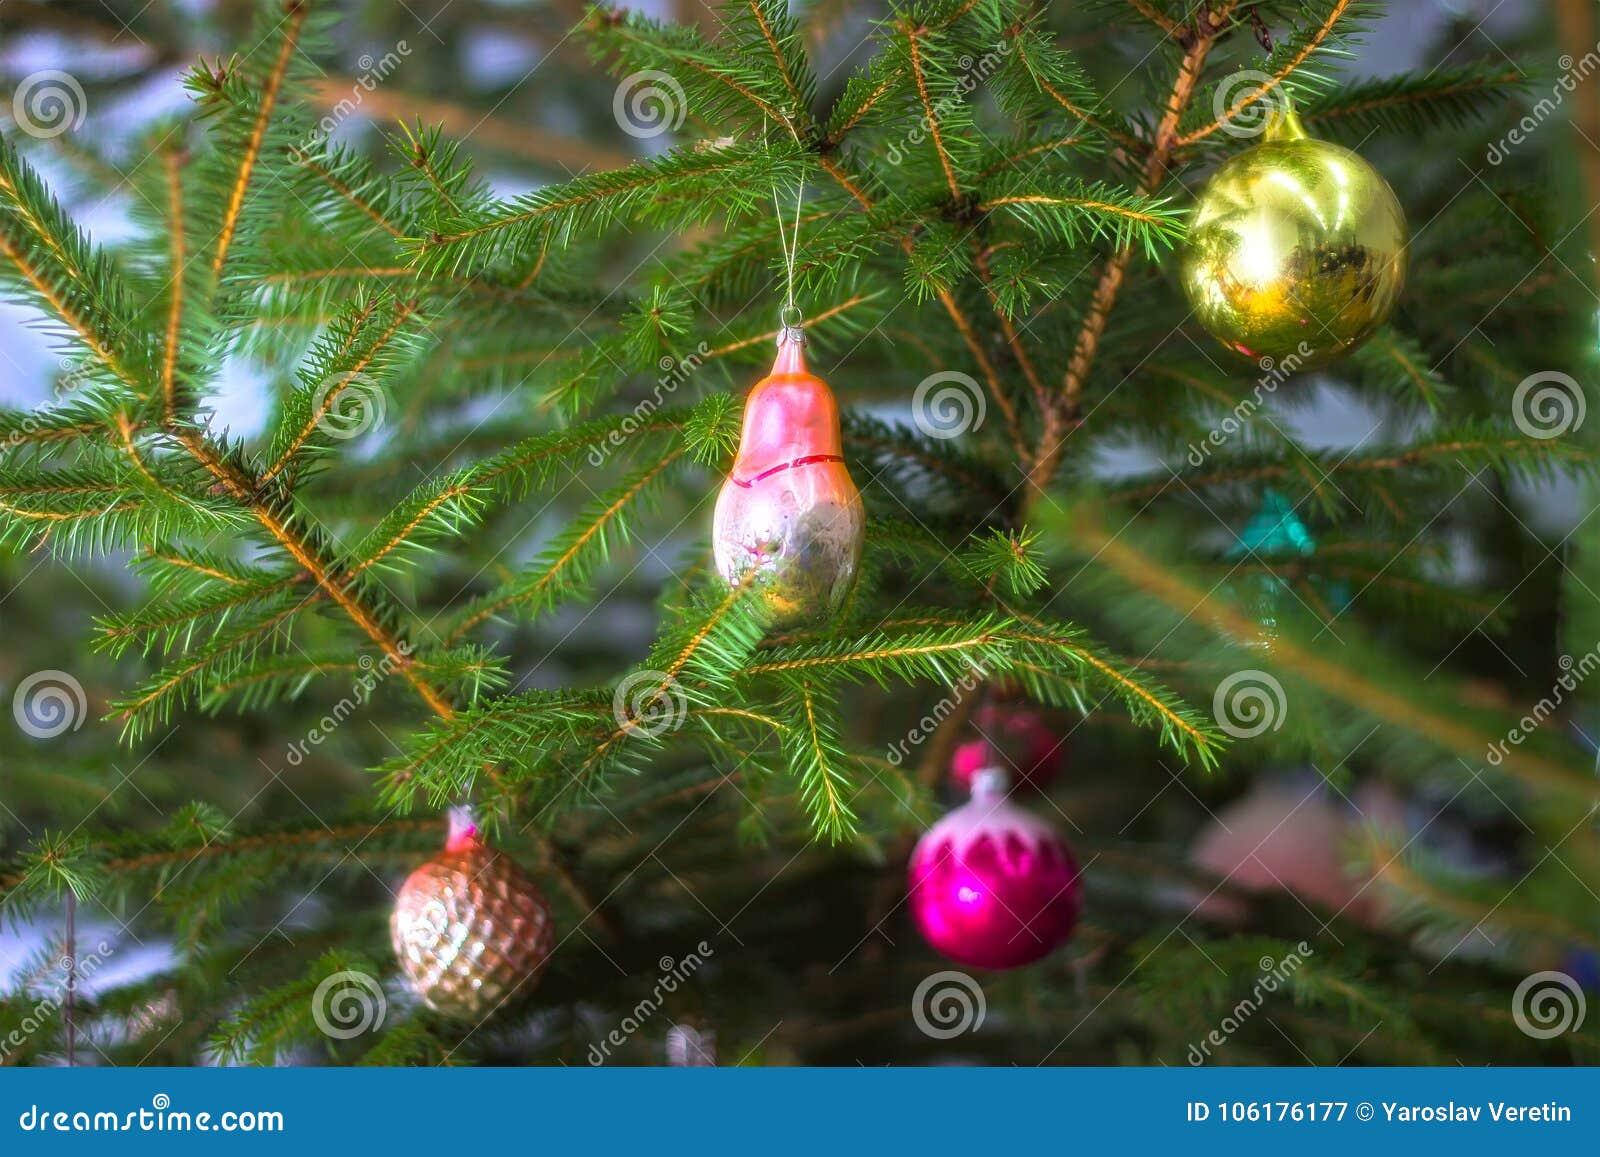 Рождественская елка с безделушками на темной предпосылке